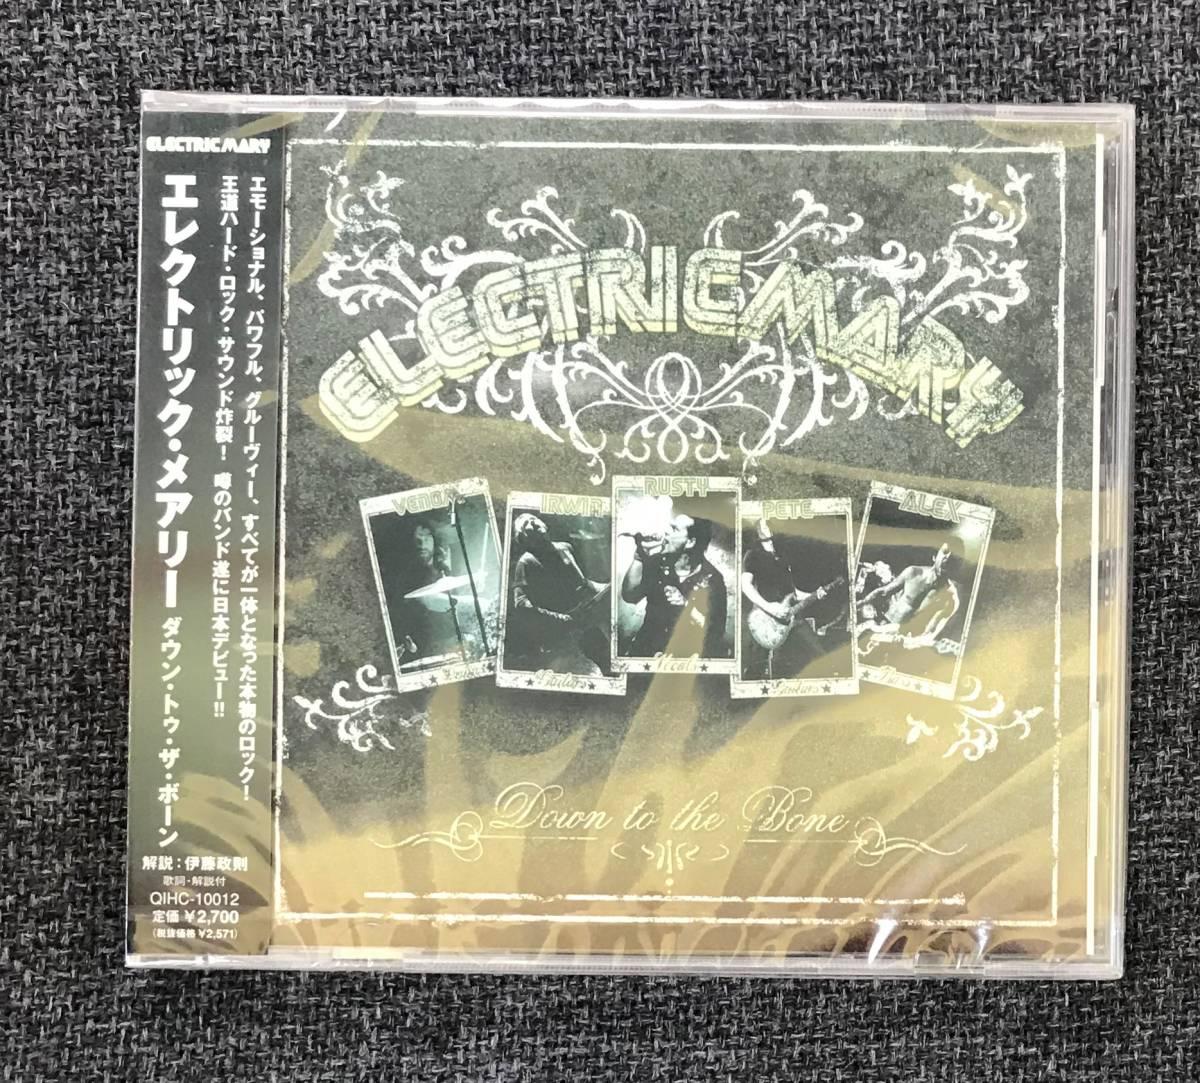 新品未開封CD☆エレクトリック・メアリー ダウン・トゥ・ザ・ボーン/QIHC-10012_画像1